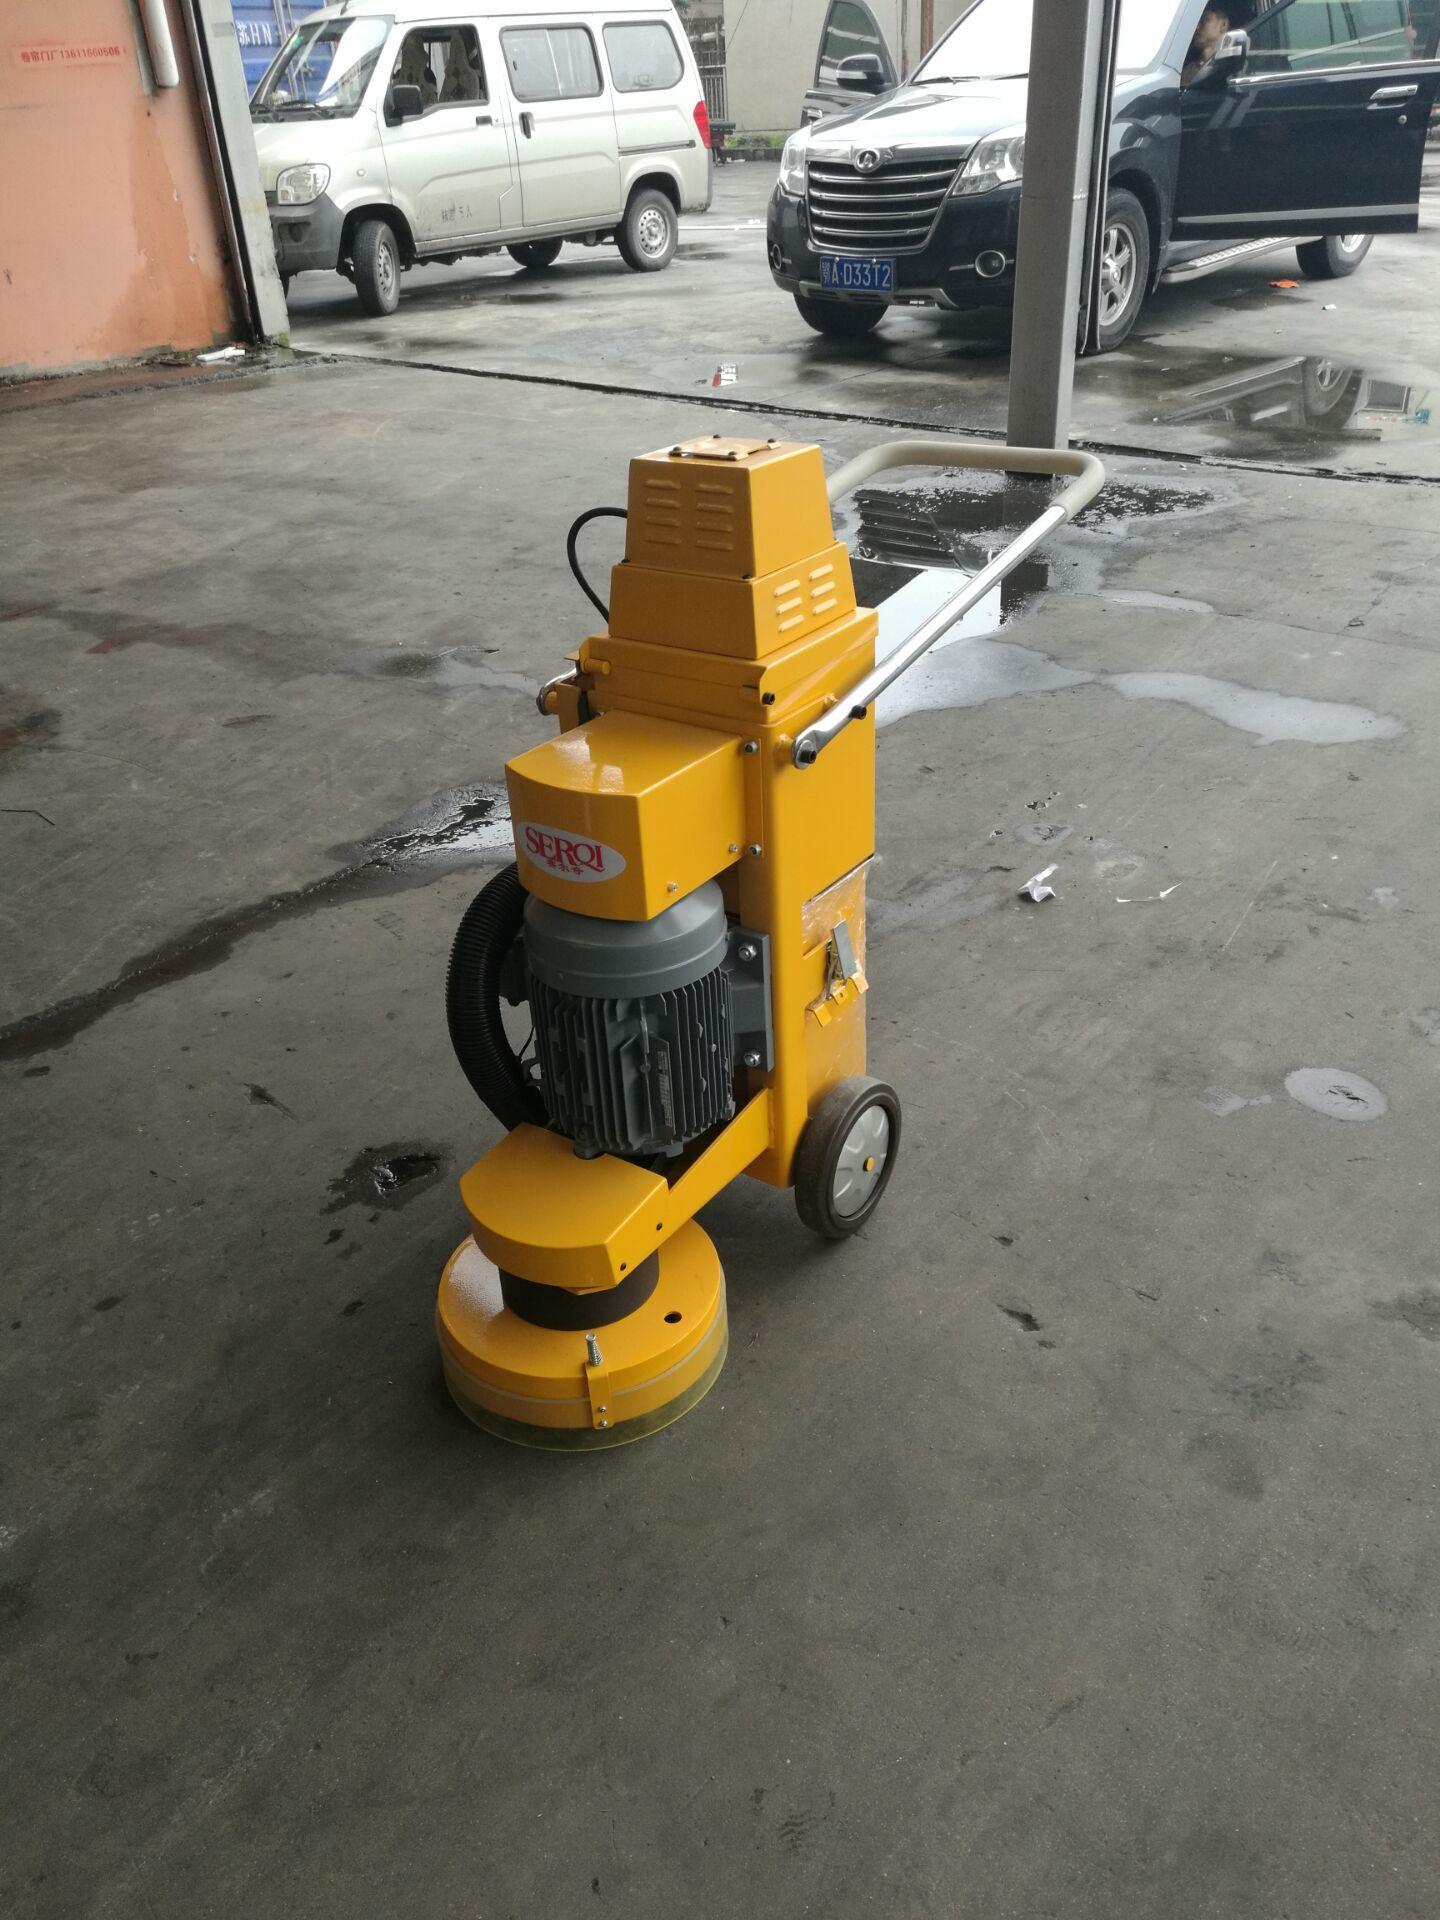 出租打磨机 地坪机械研磨机抛丸机上海